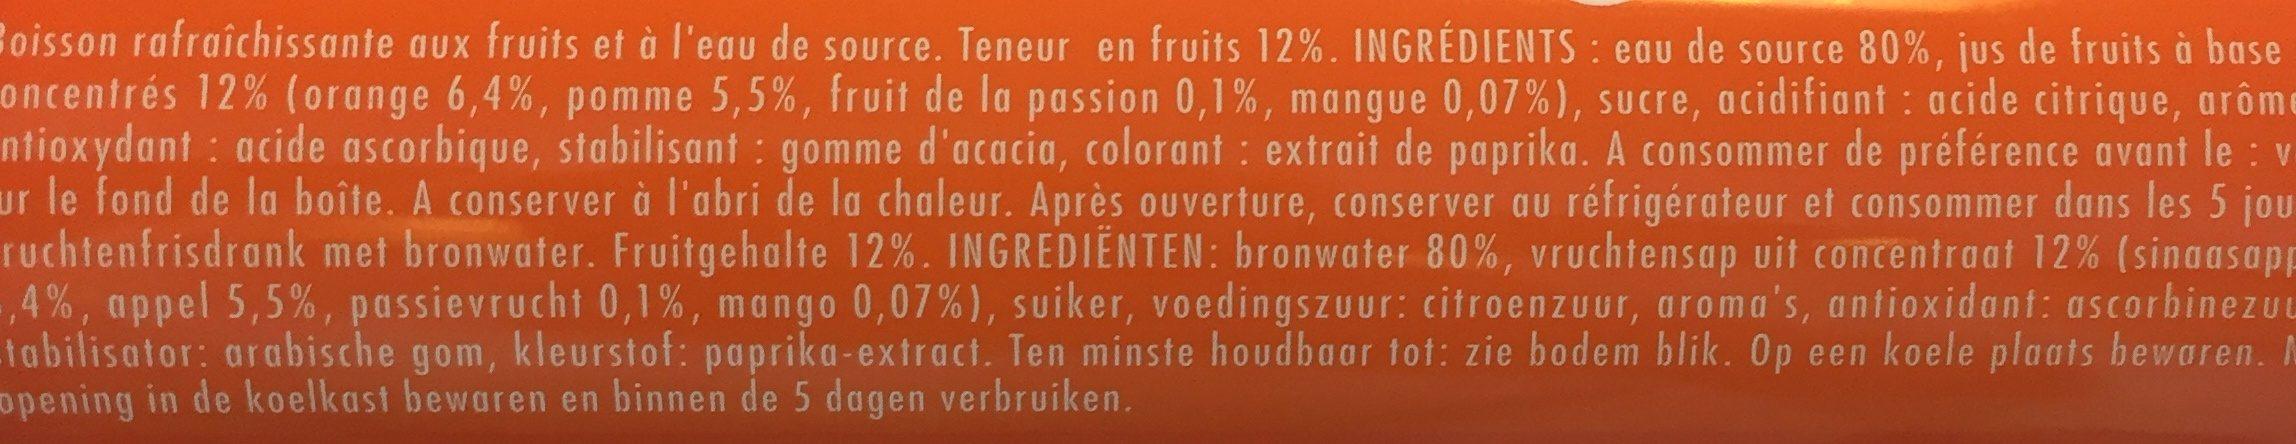 Oasis tropical - Ingredienti - fr